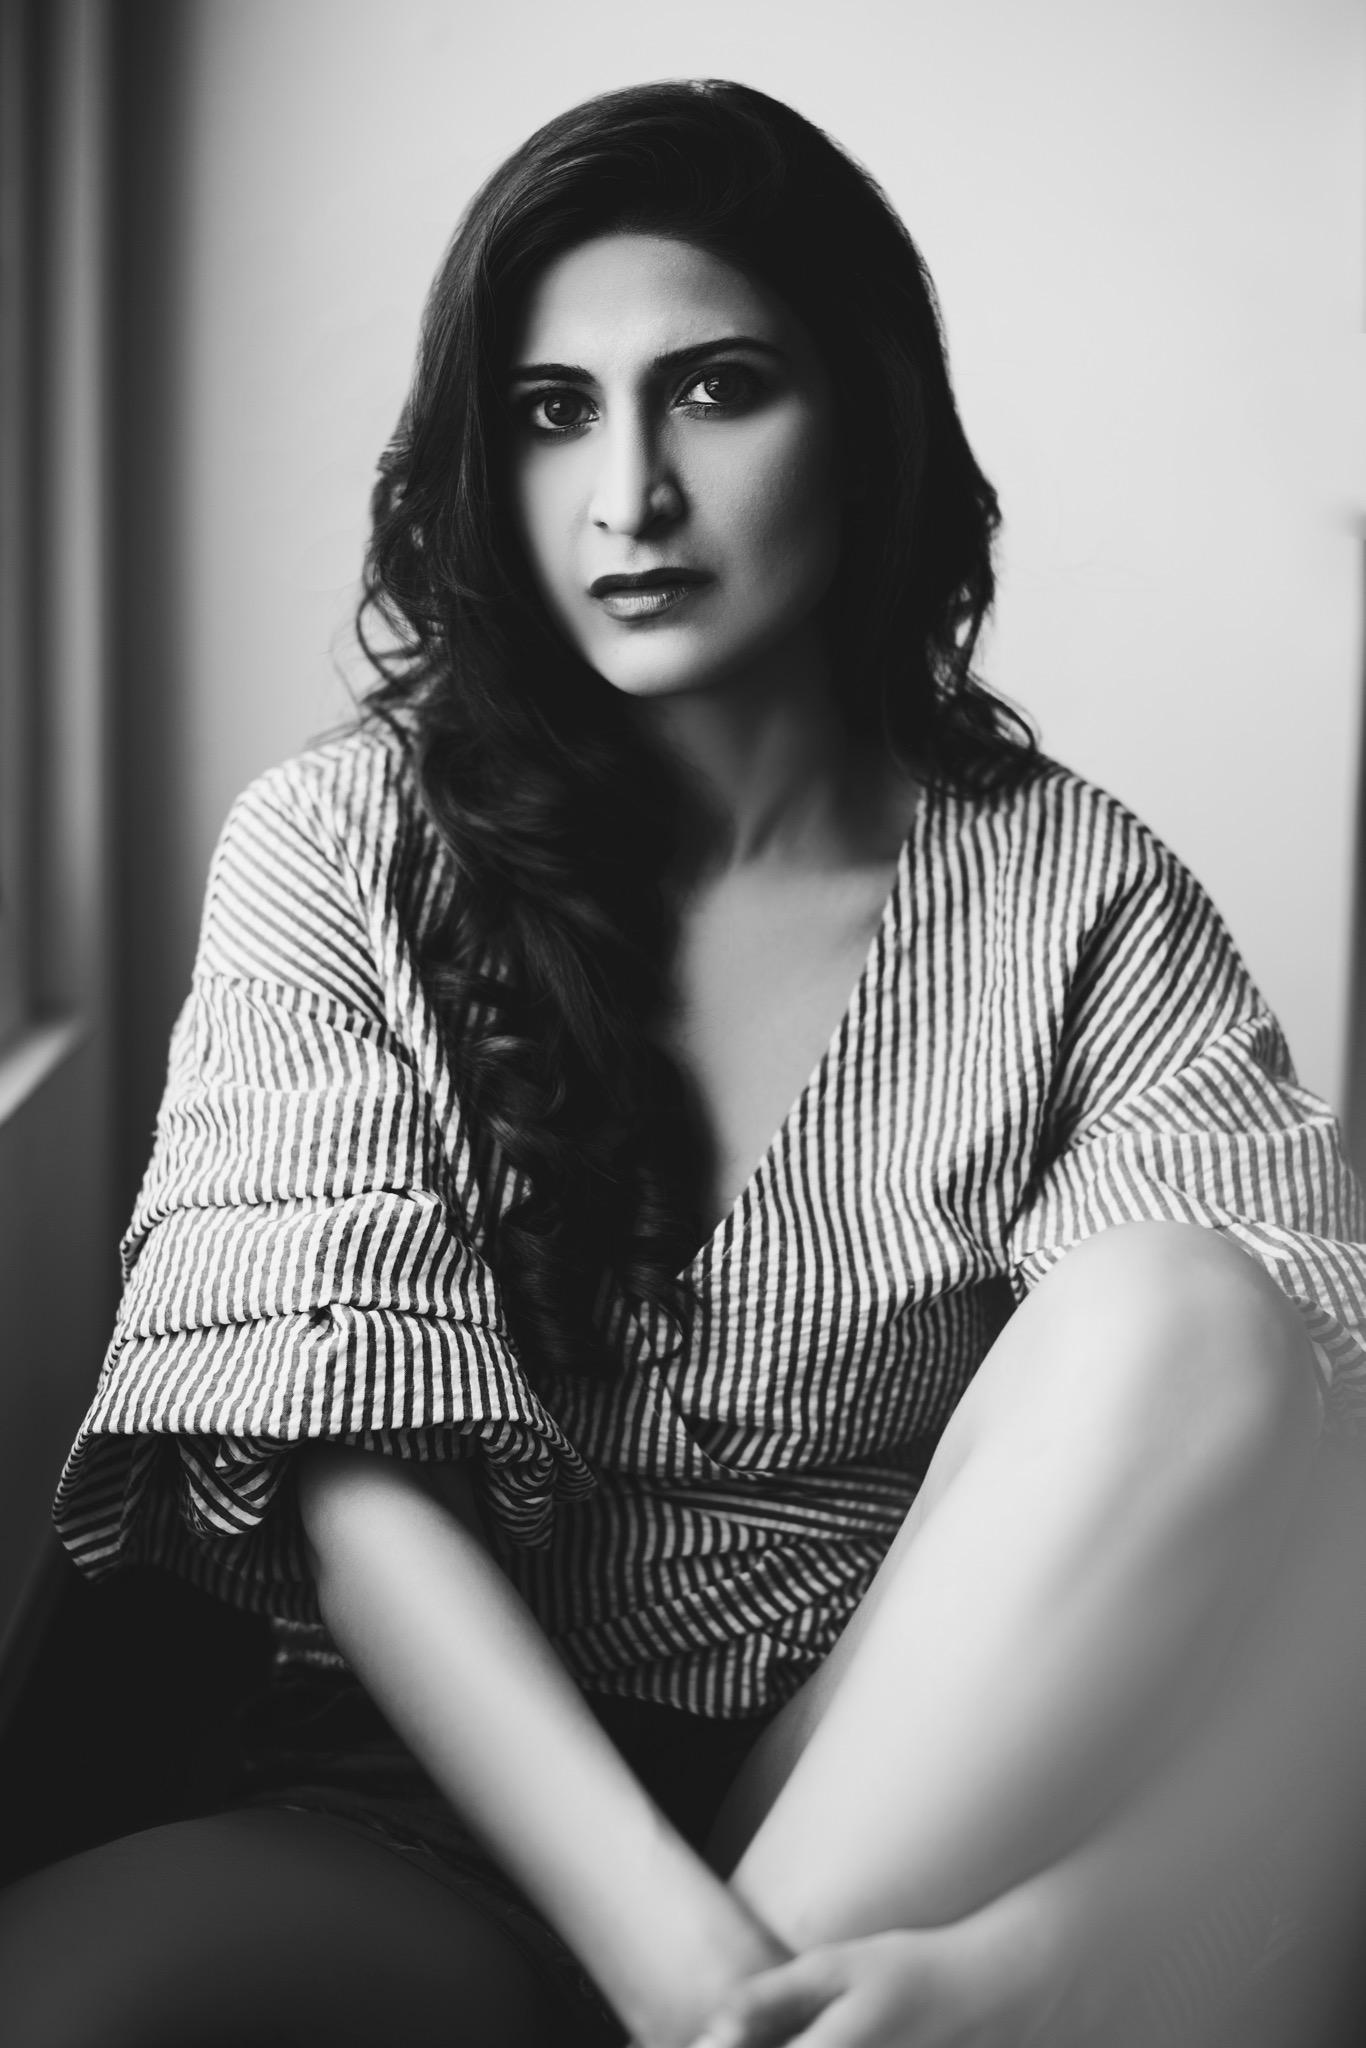 Aahana Kumra by Aditya Mendiratta